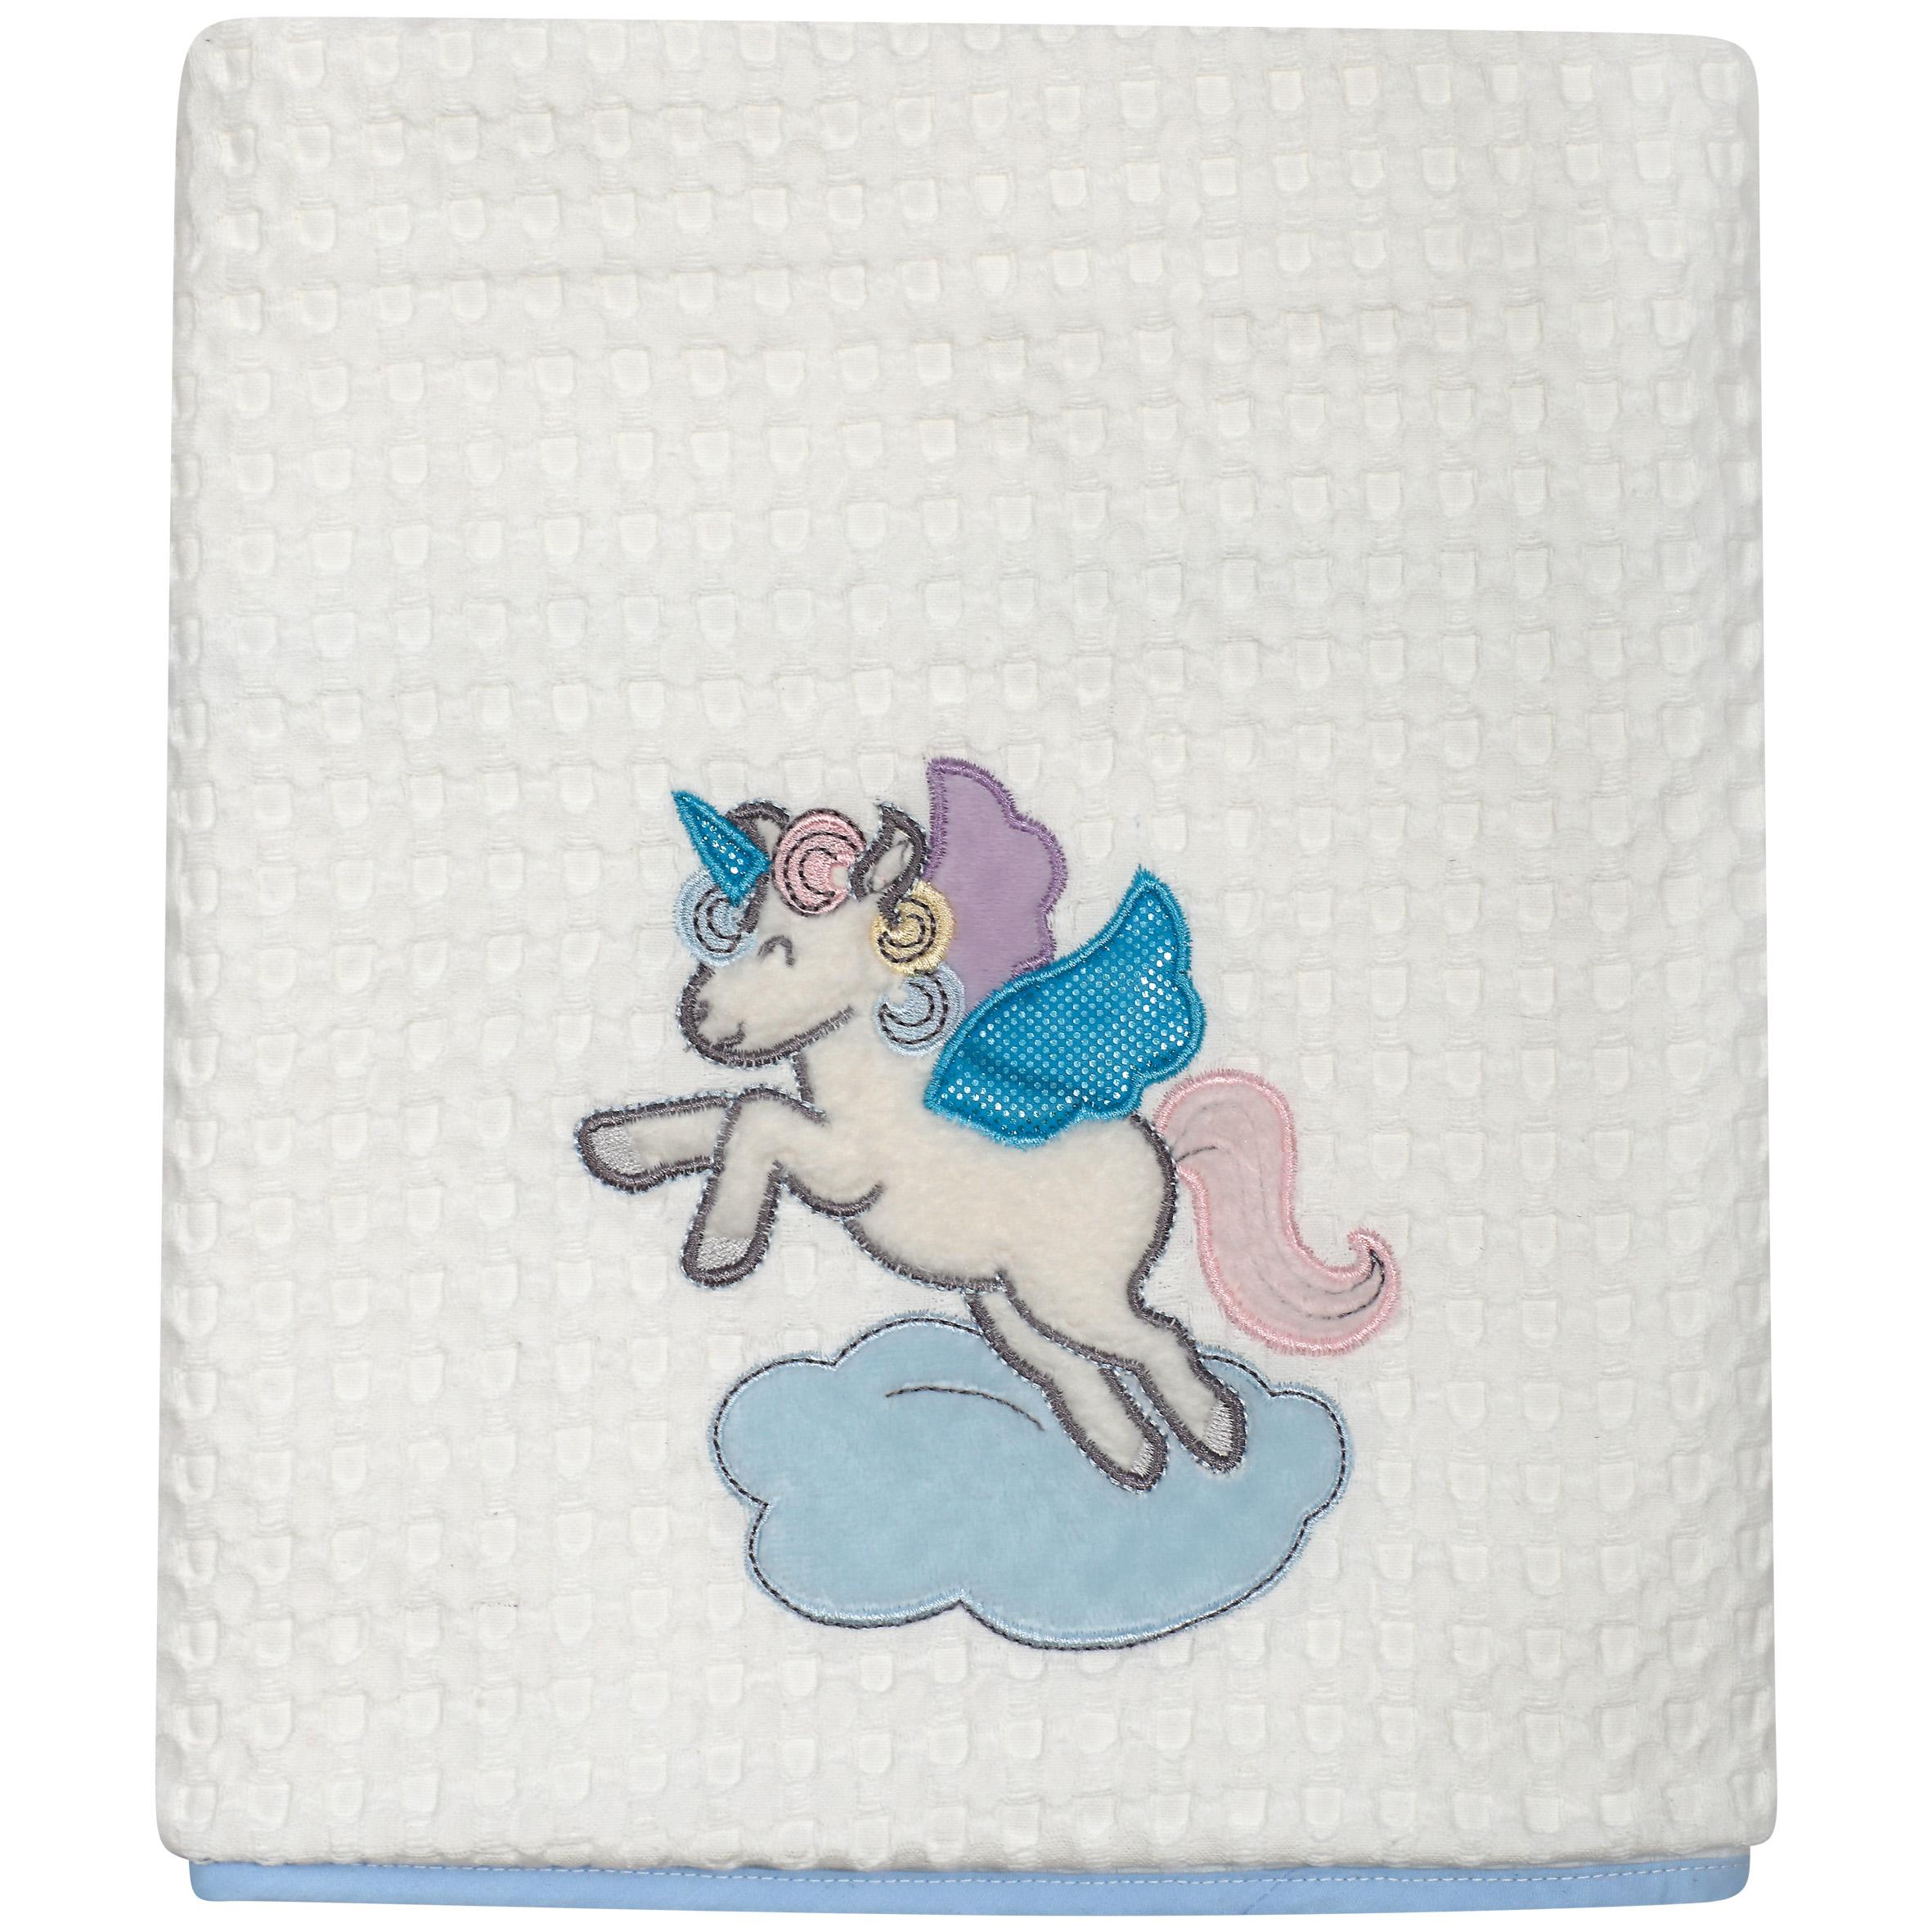 Κουβέρτα πικέ κούνιας DREAM EMBROIDERY 6463 (110Χ150), DAS BABY προικα μωρου   βρεφικές κουβέρτες   πικέ κουβέρτες